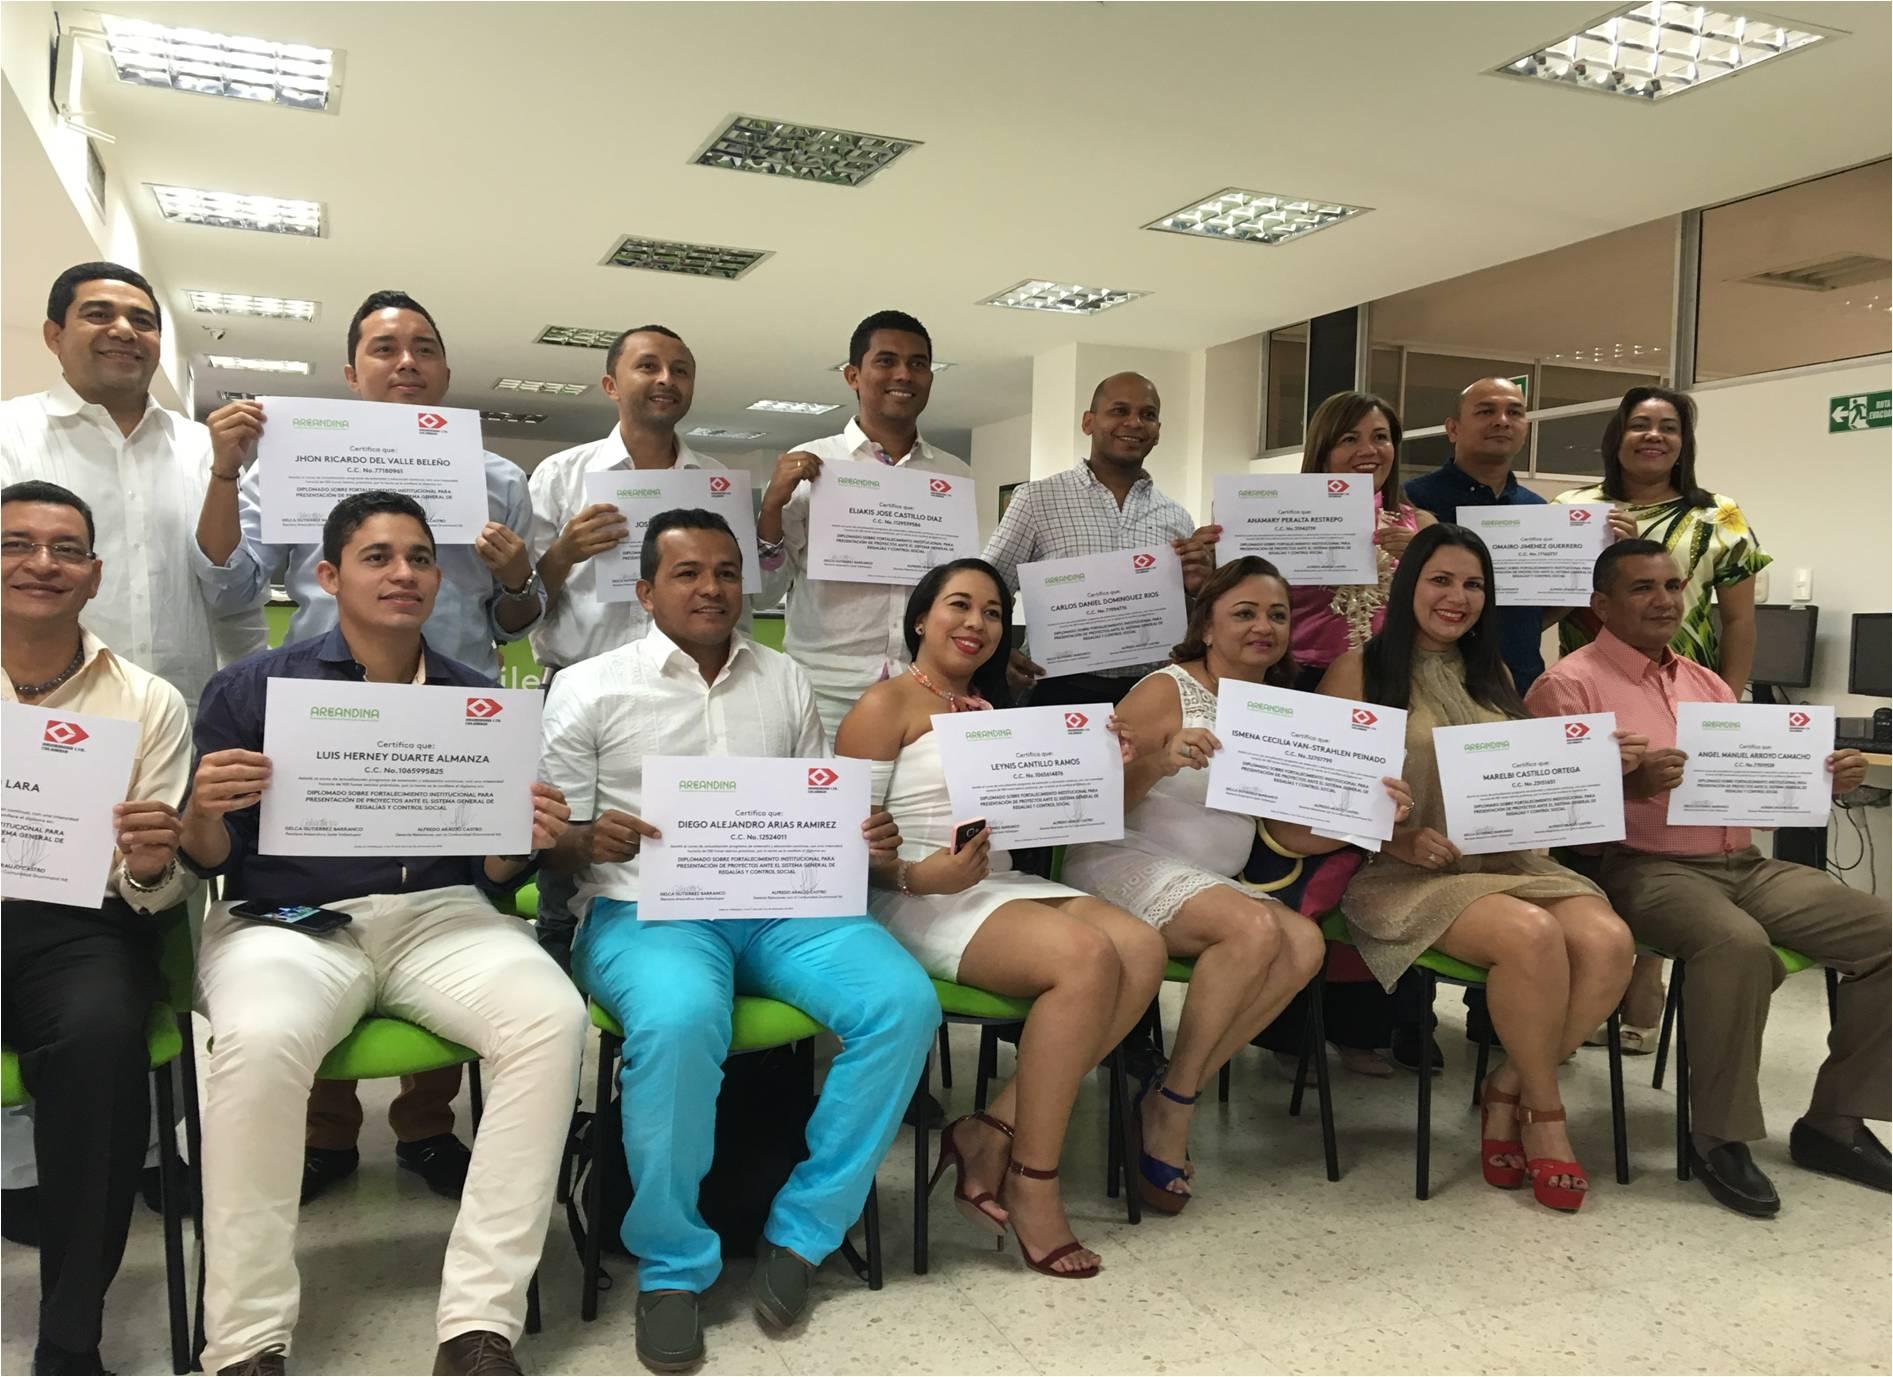 *Funcionarios de los diferentes municipios mineros posaron sonrientes con el diploma.